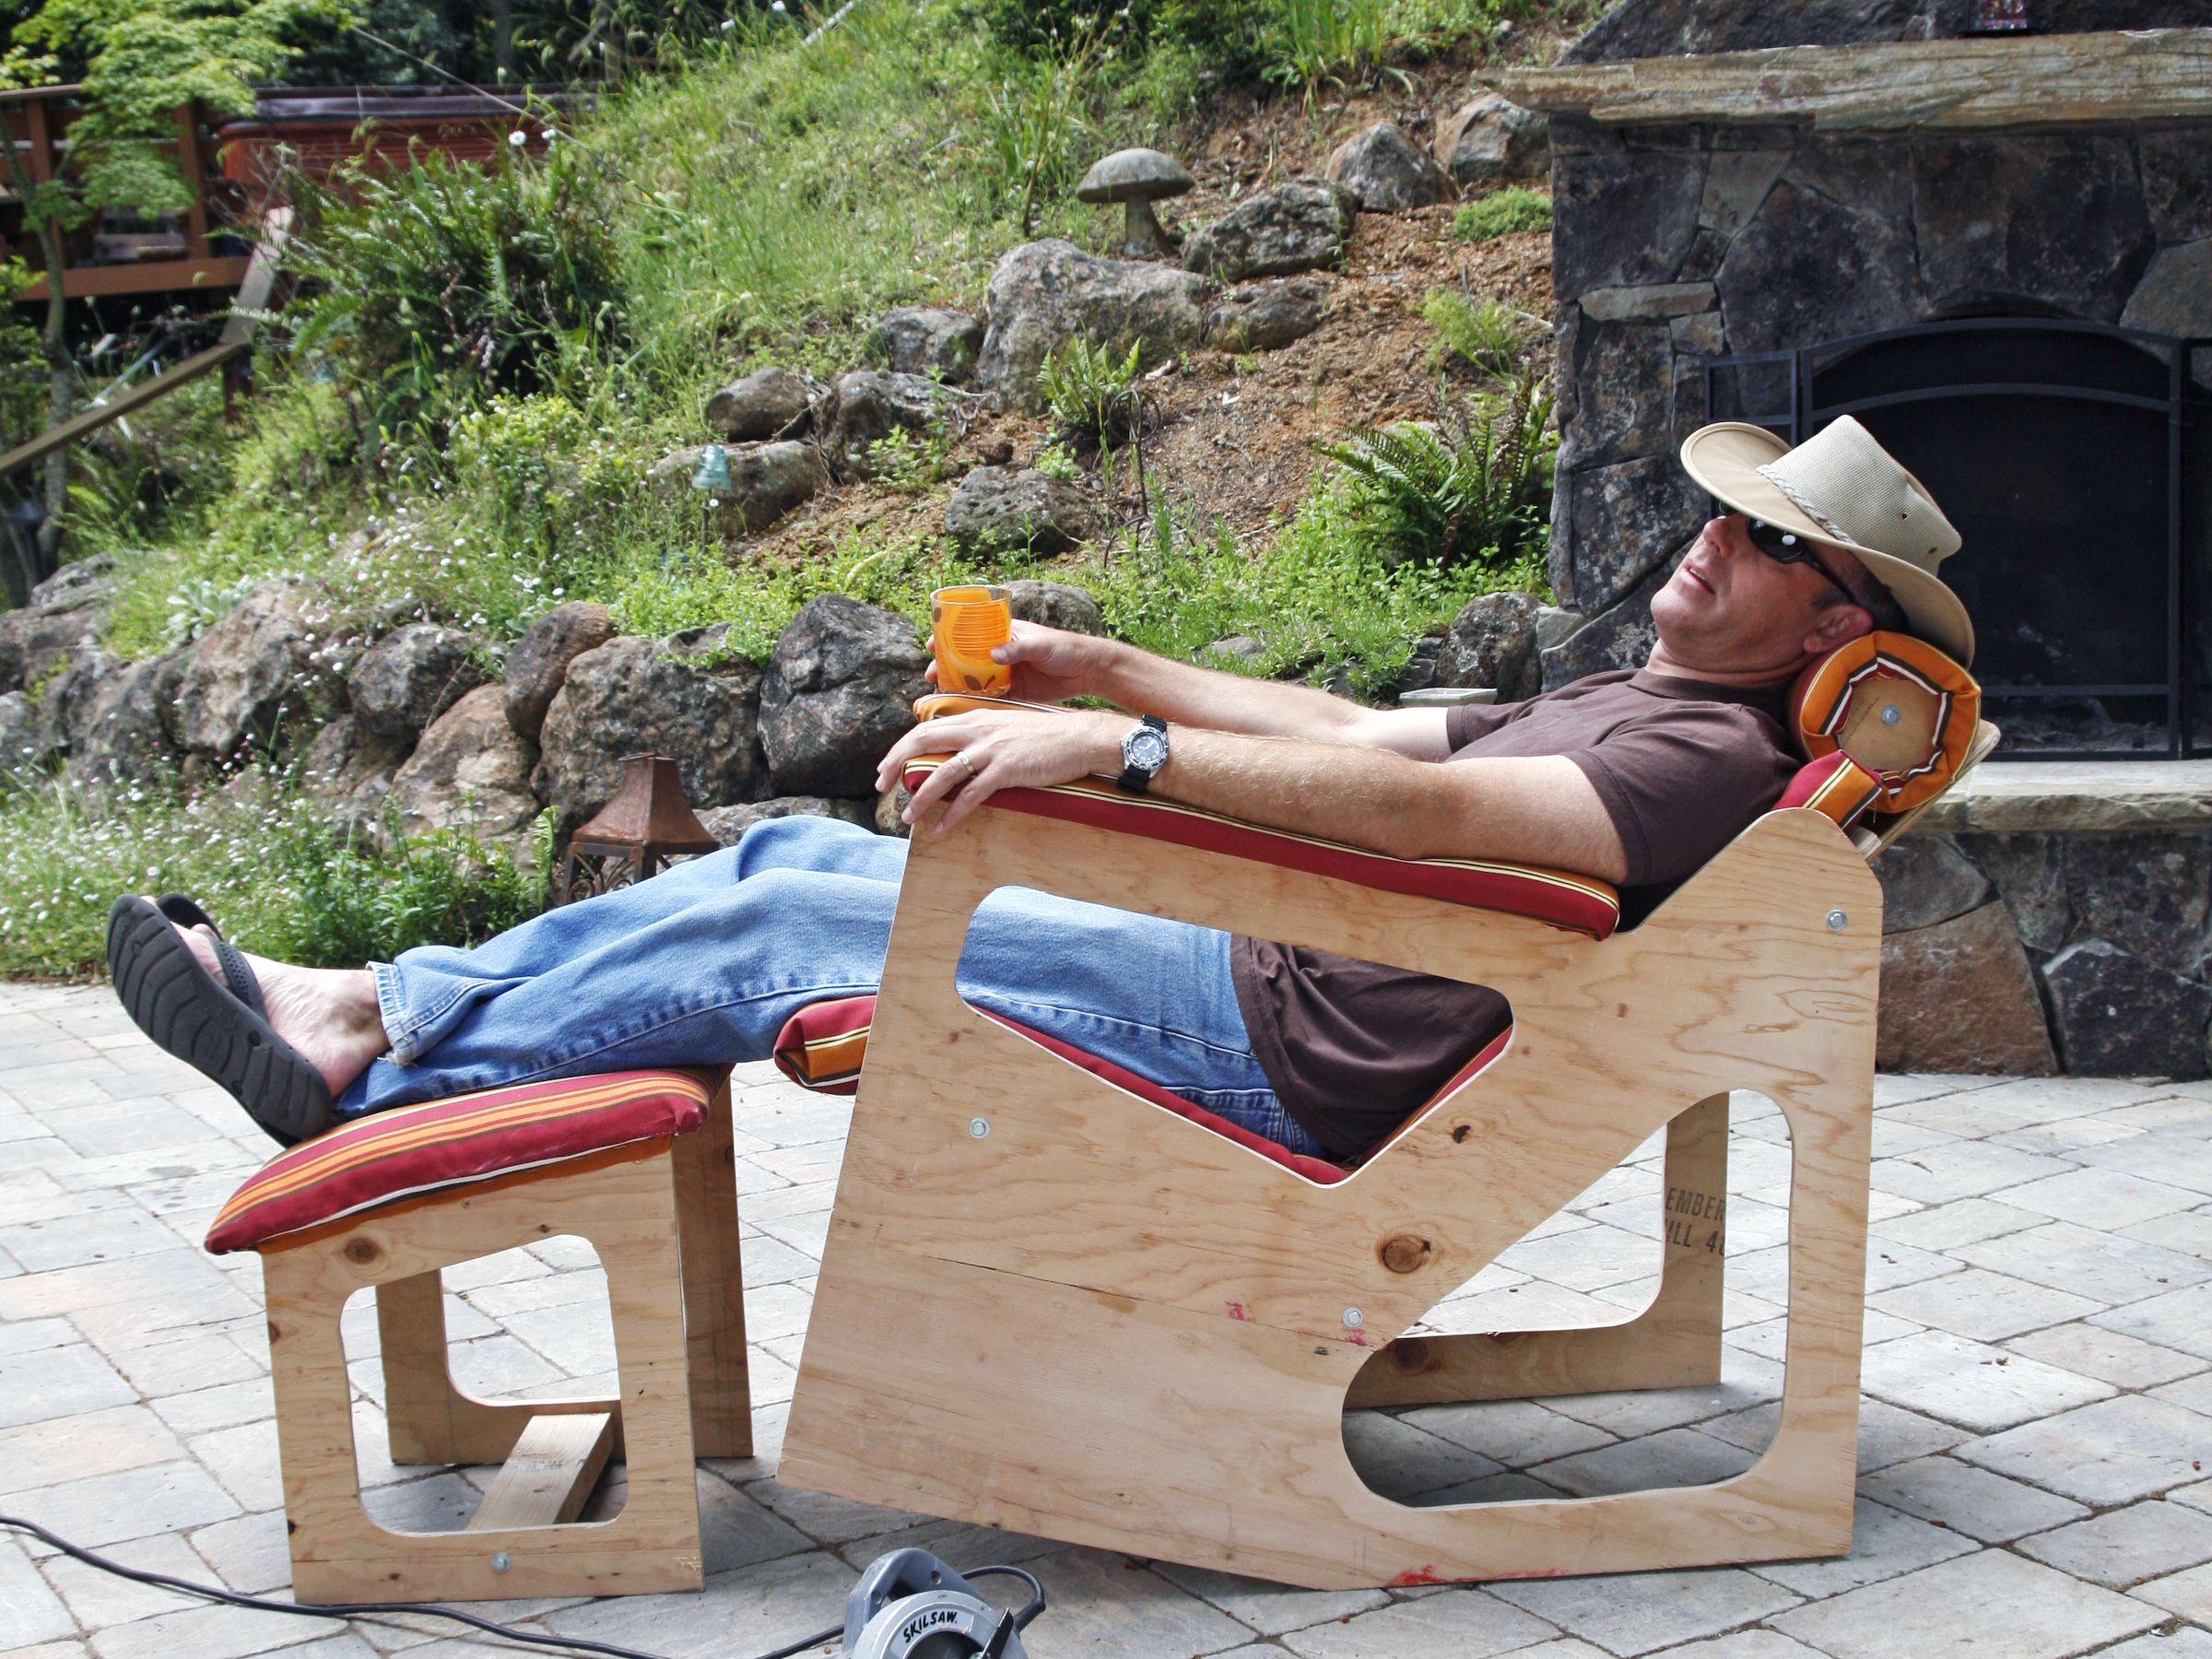 Diy plywood chair - Diy Plywood Chair 35